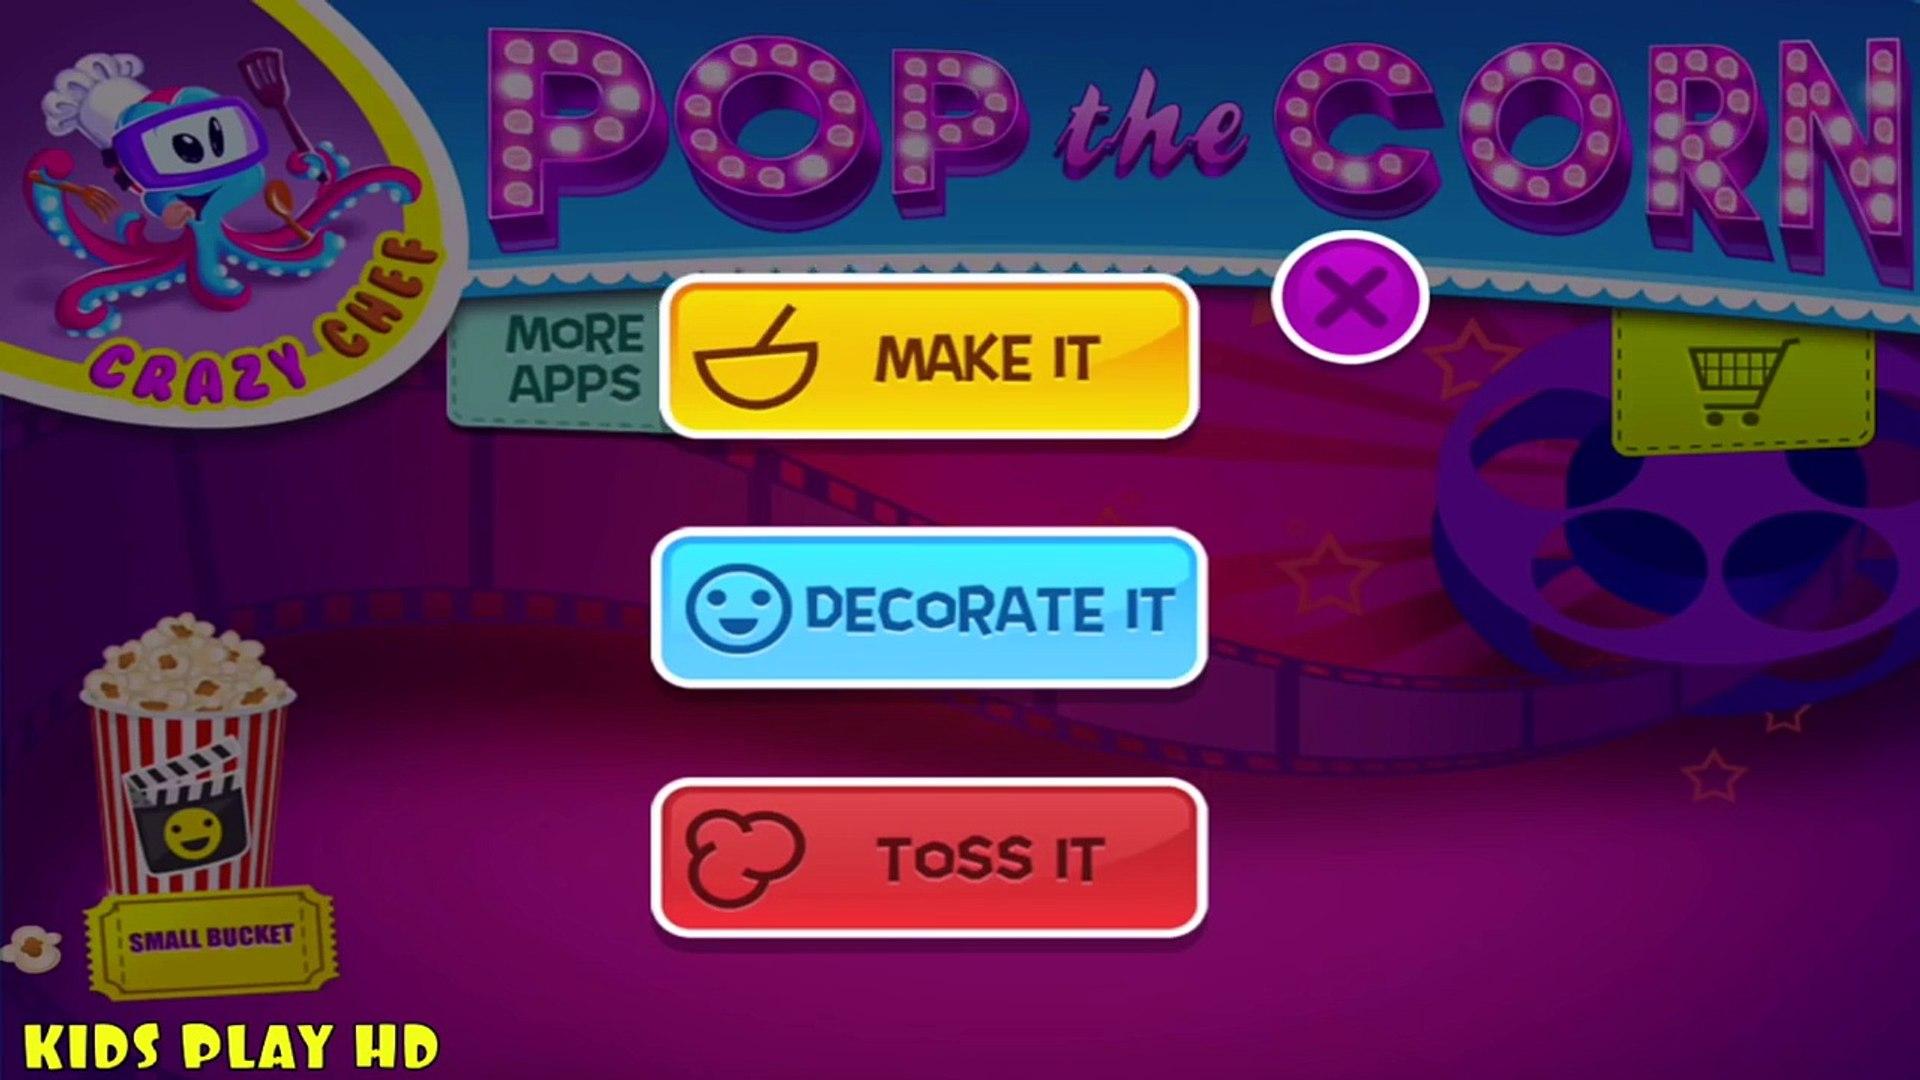 ИГРА ПОПКОРН. МУЛЬТИК ИГРА: ДЛЯ ДЕТЕЙ / KIDS VIDEOS.POPCORN.GAMES FOR KIDS